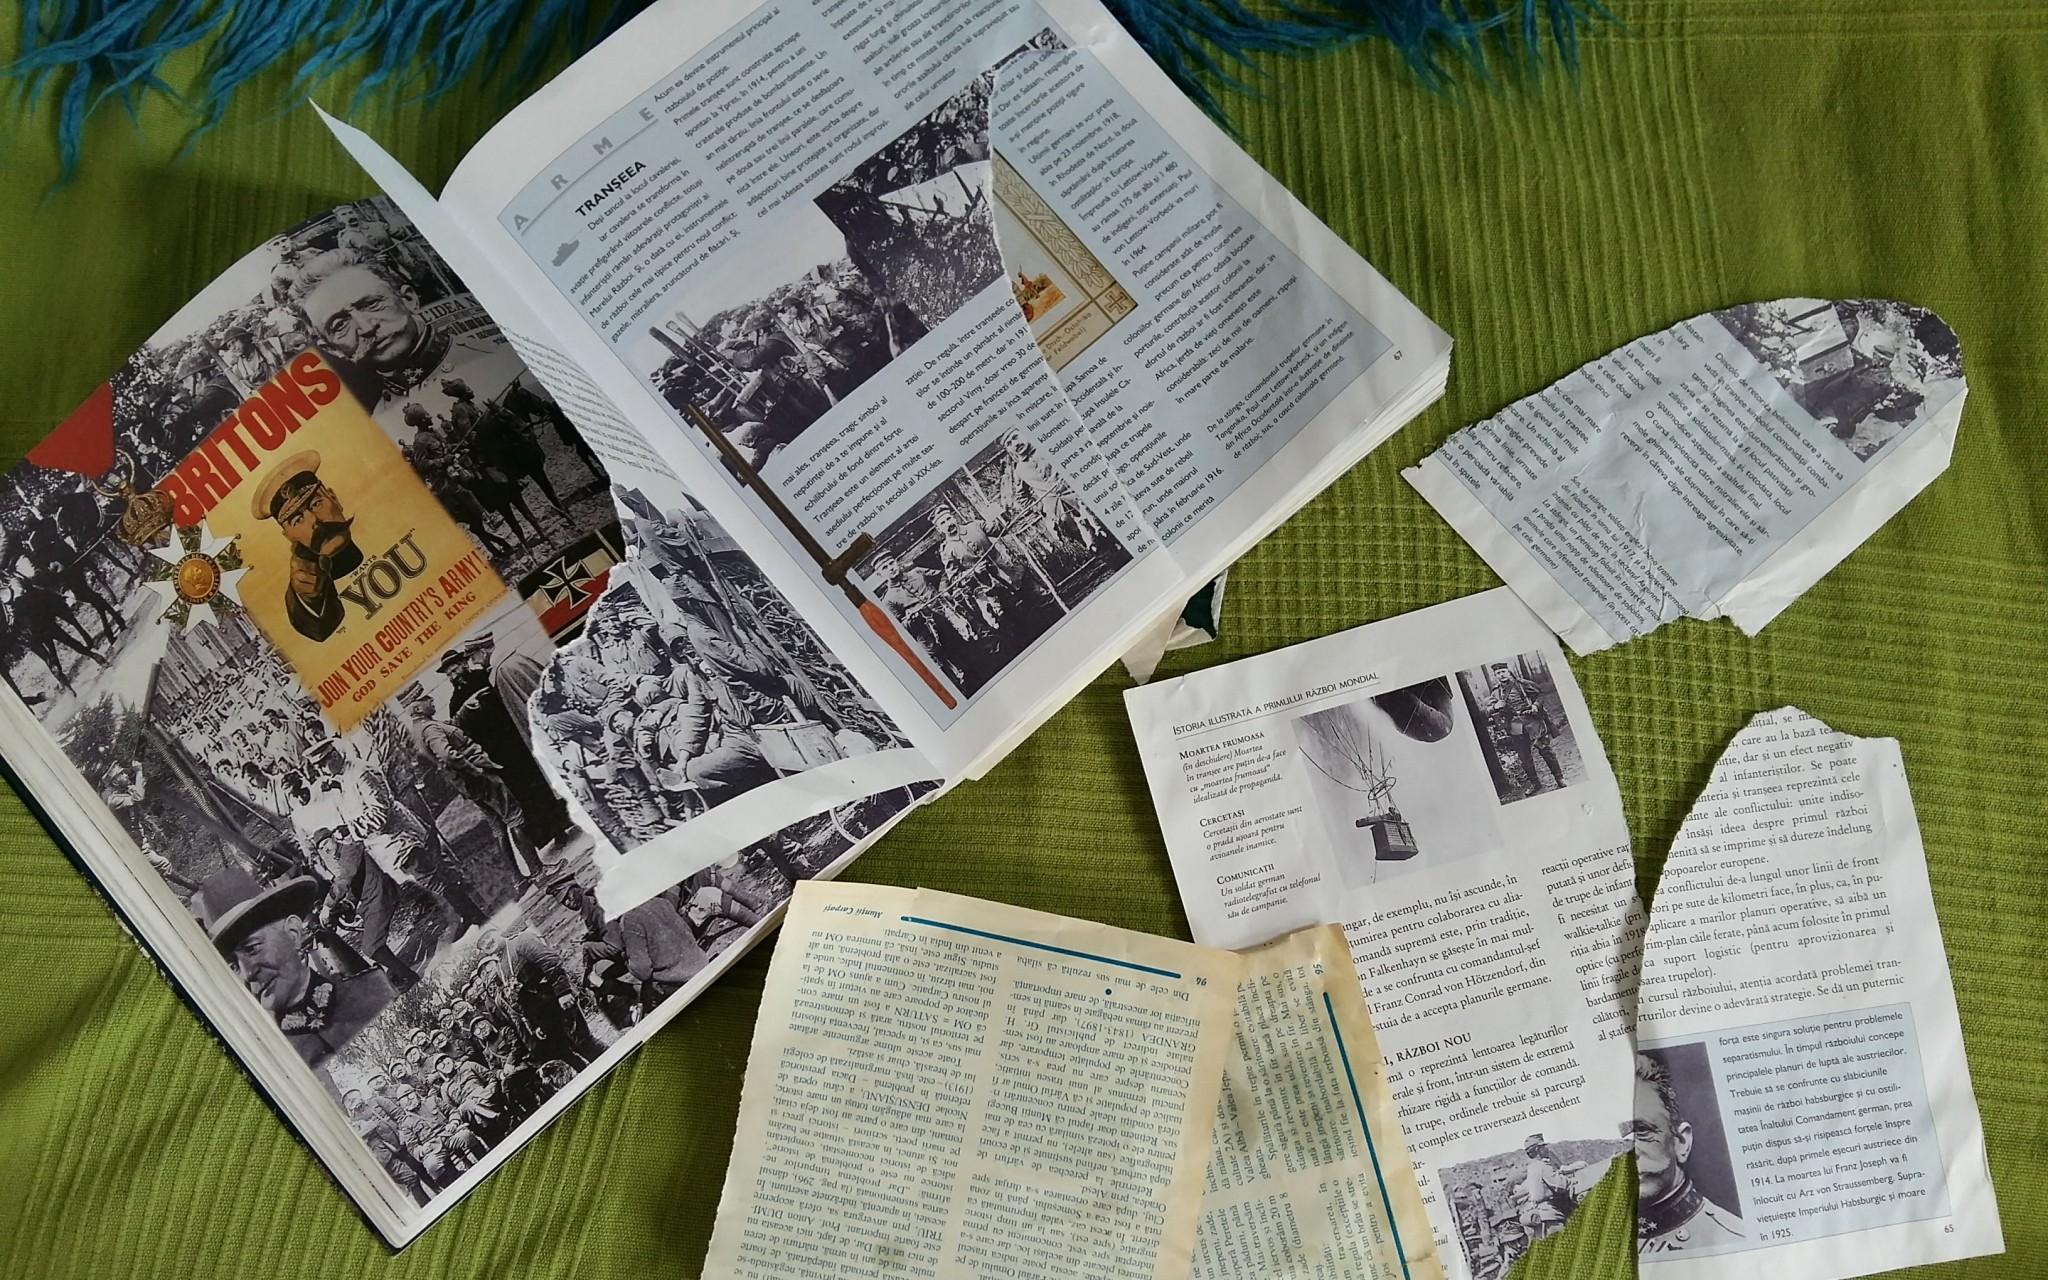 Pagini rupte si murdarite din diverse cărți și reviste de istorie